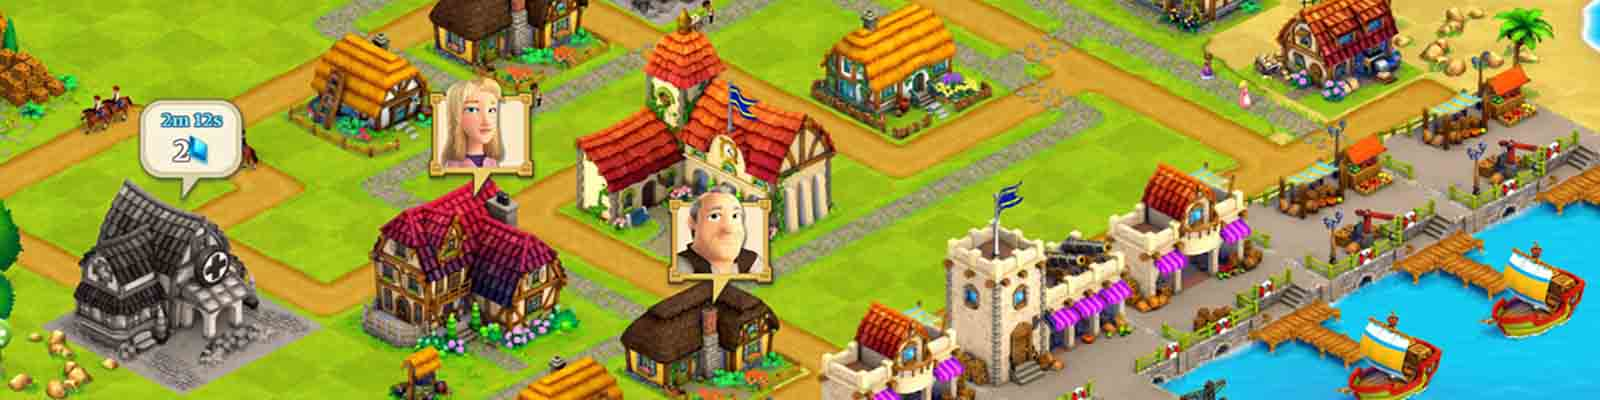 دانلود بازی مزرعه داری و شهرسازی Town Village با پول بی نهایت